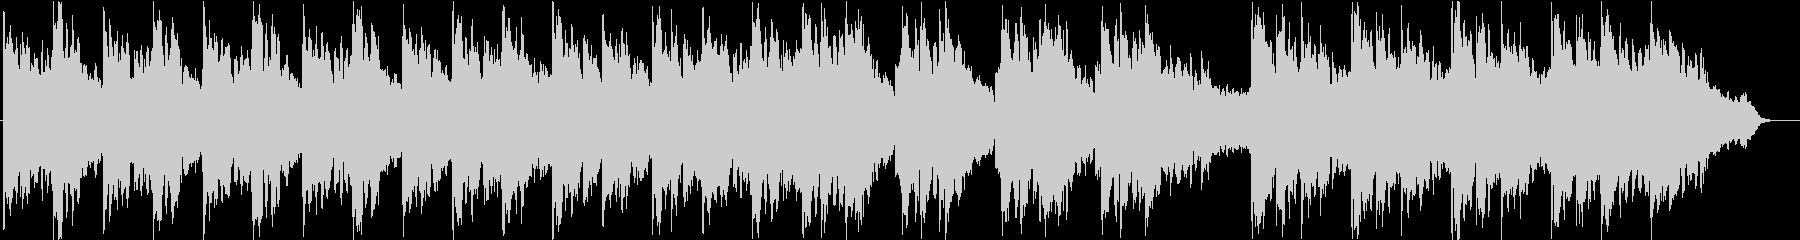 幻想的でエモーショナルなデジピサウンドの未再生の波形